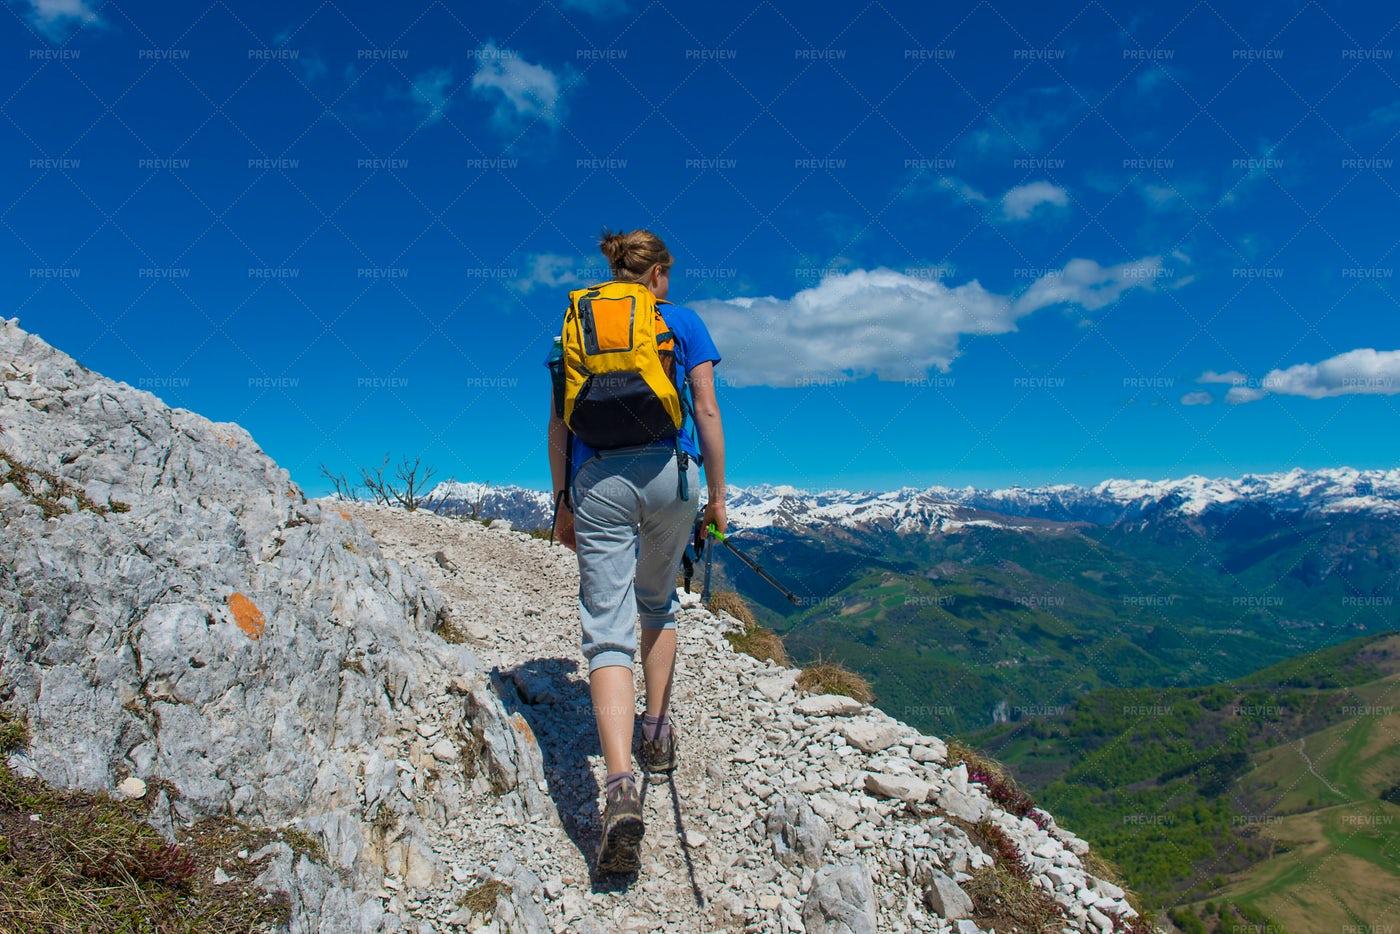 Trekking The Italian Alps: Stock Photos